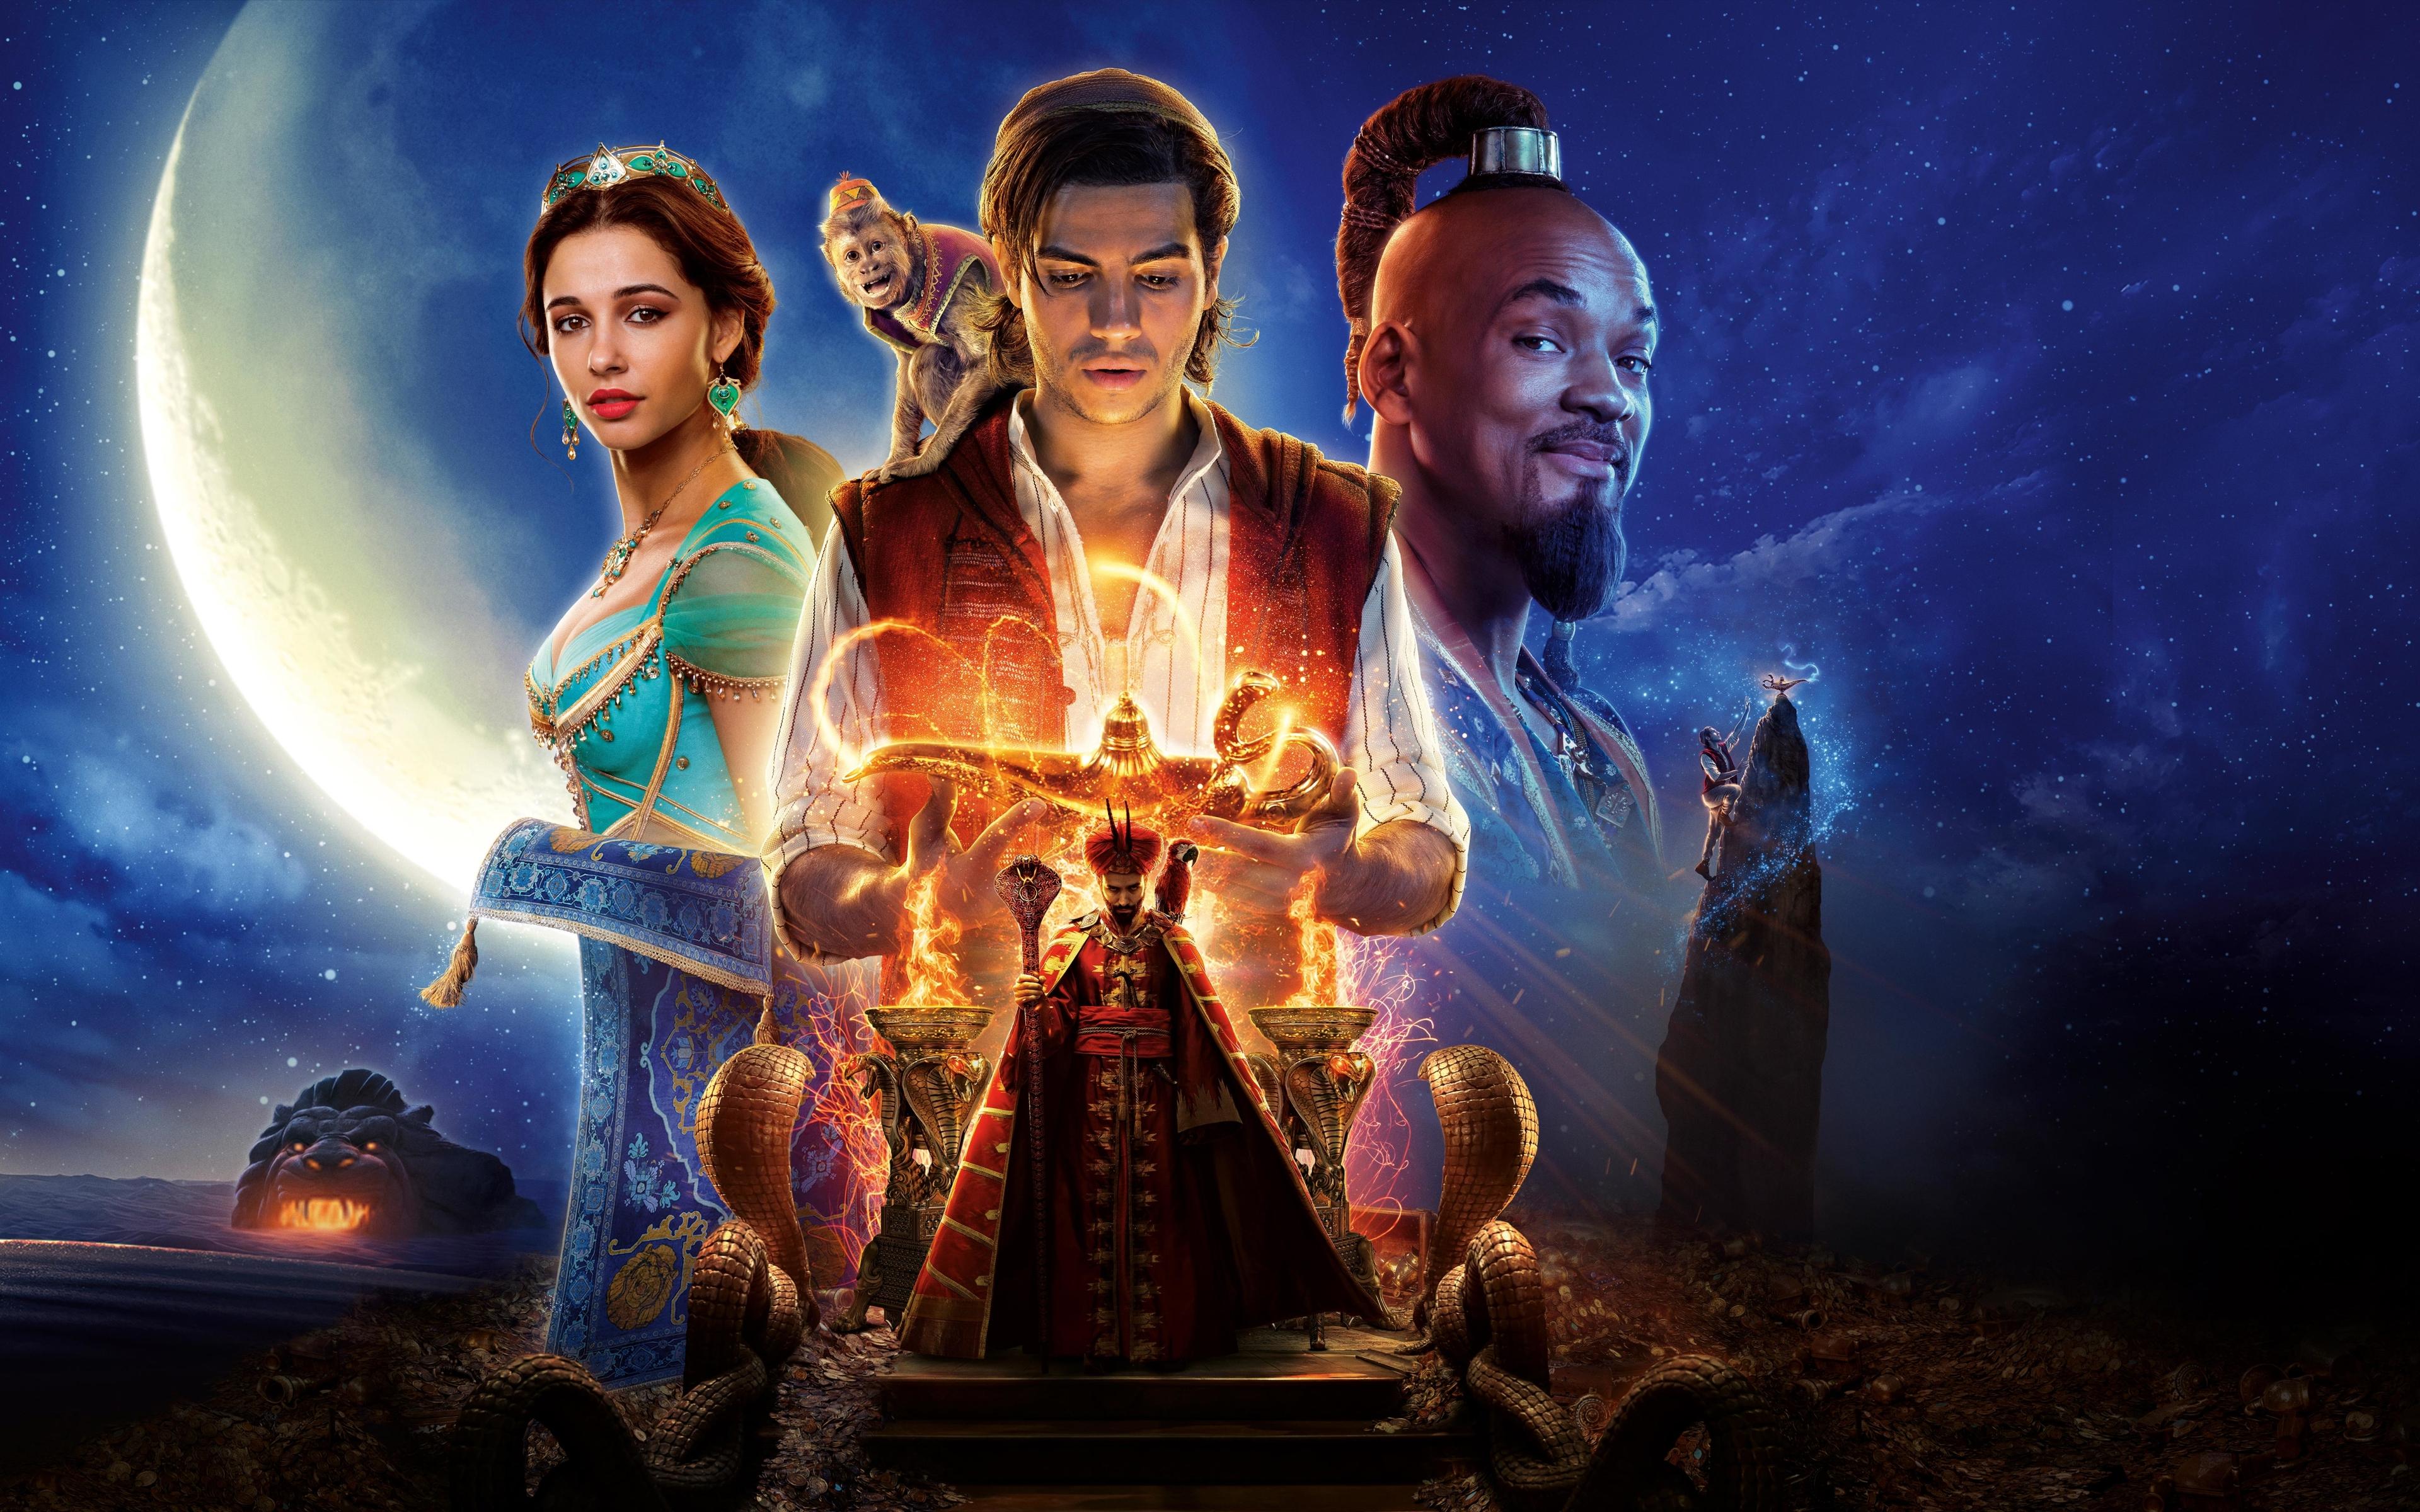 3840x2400 Aladdin 2019 Movie Banner 8K 4K 3840x2400 ...